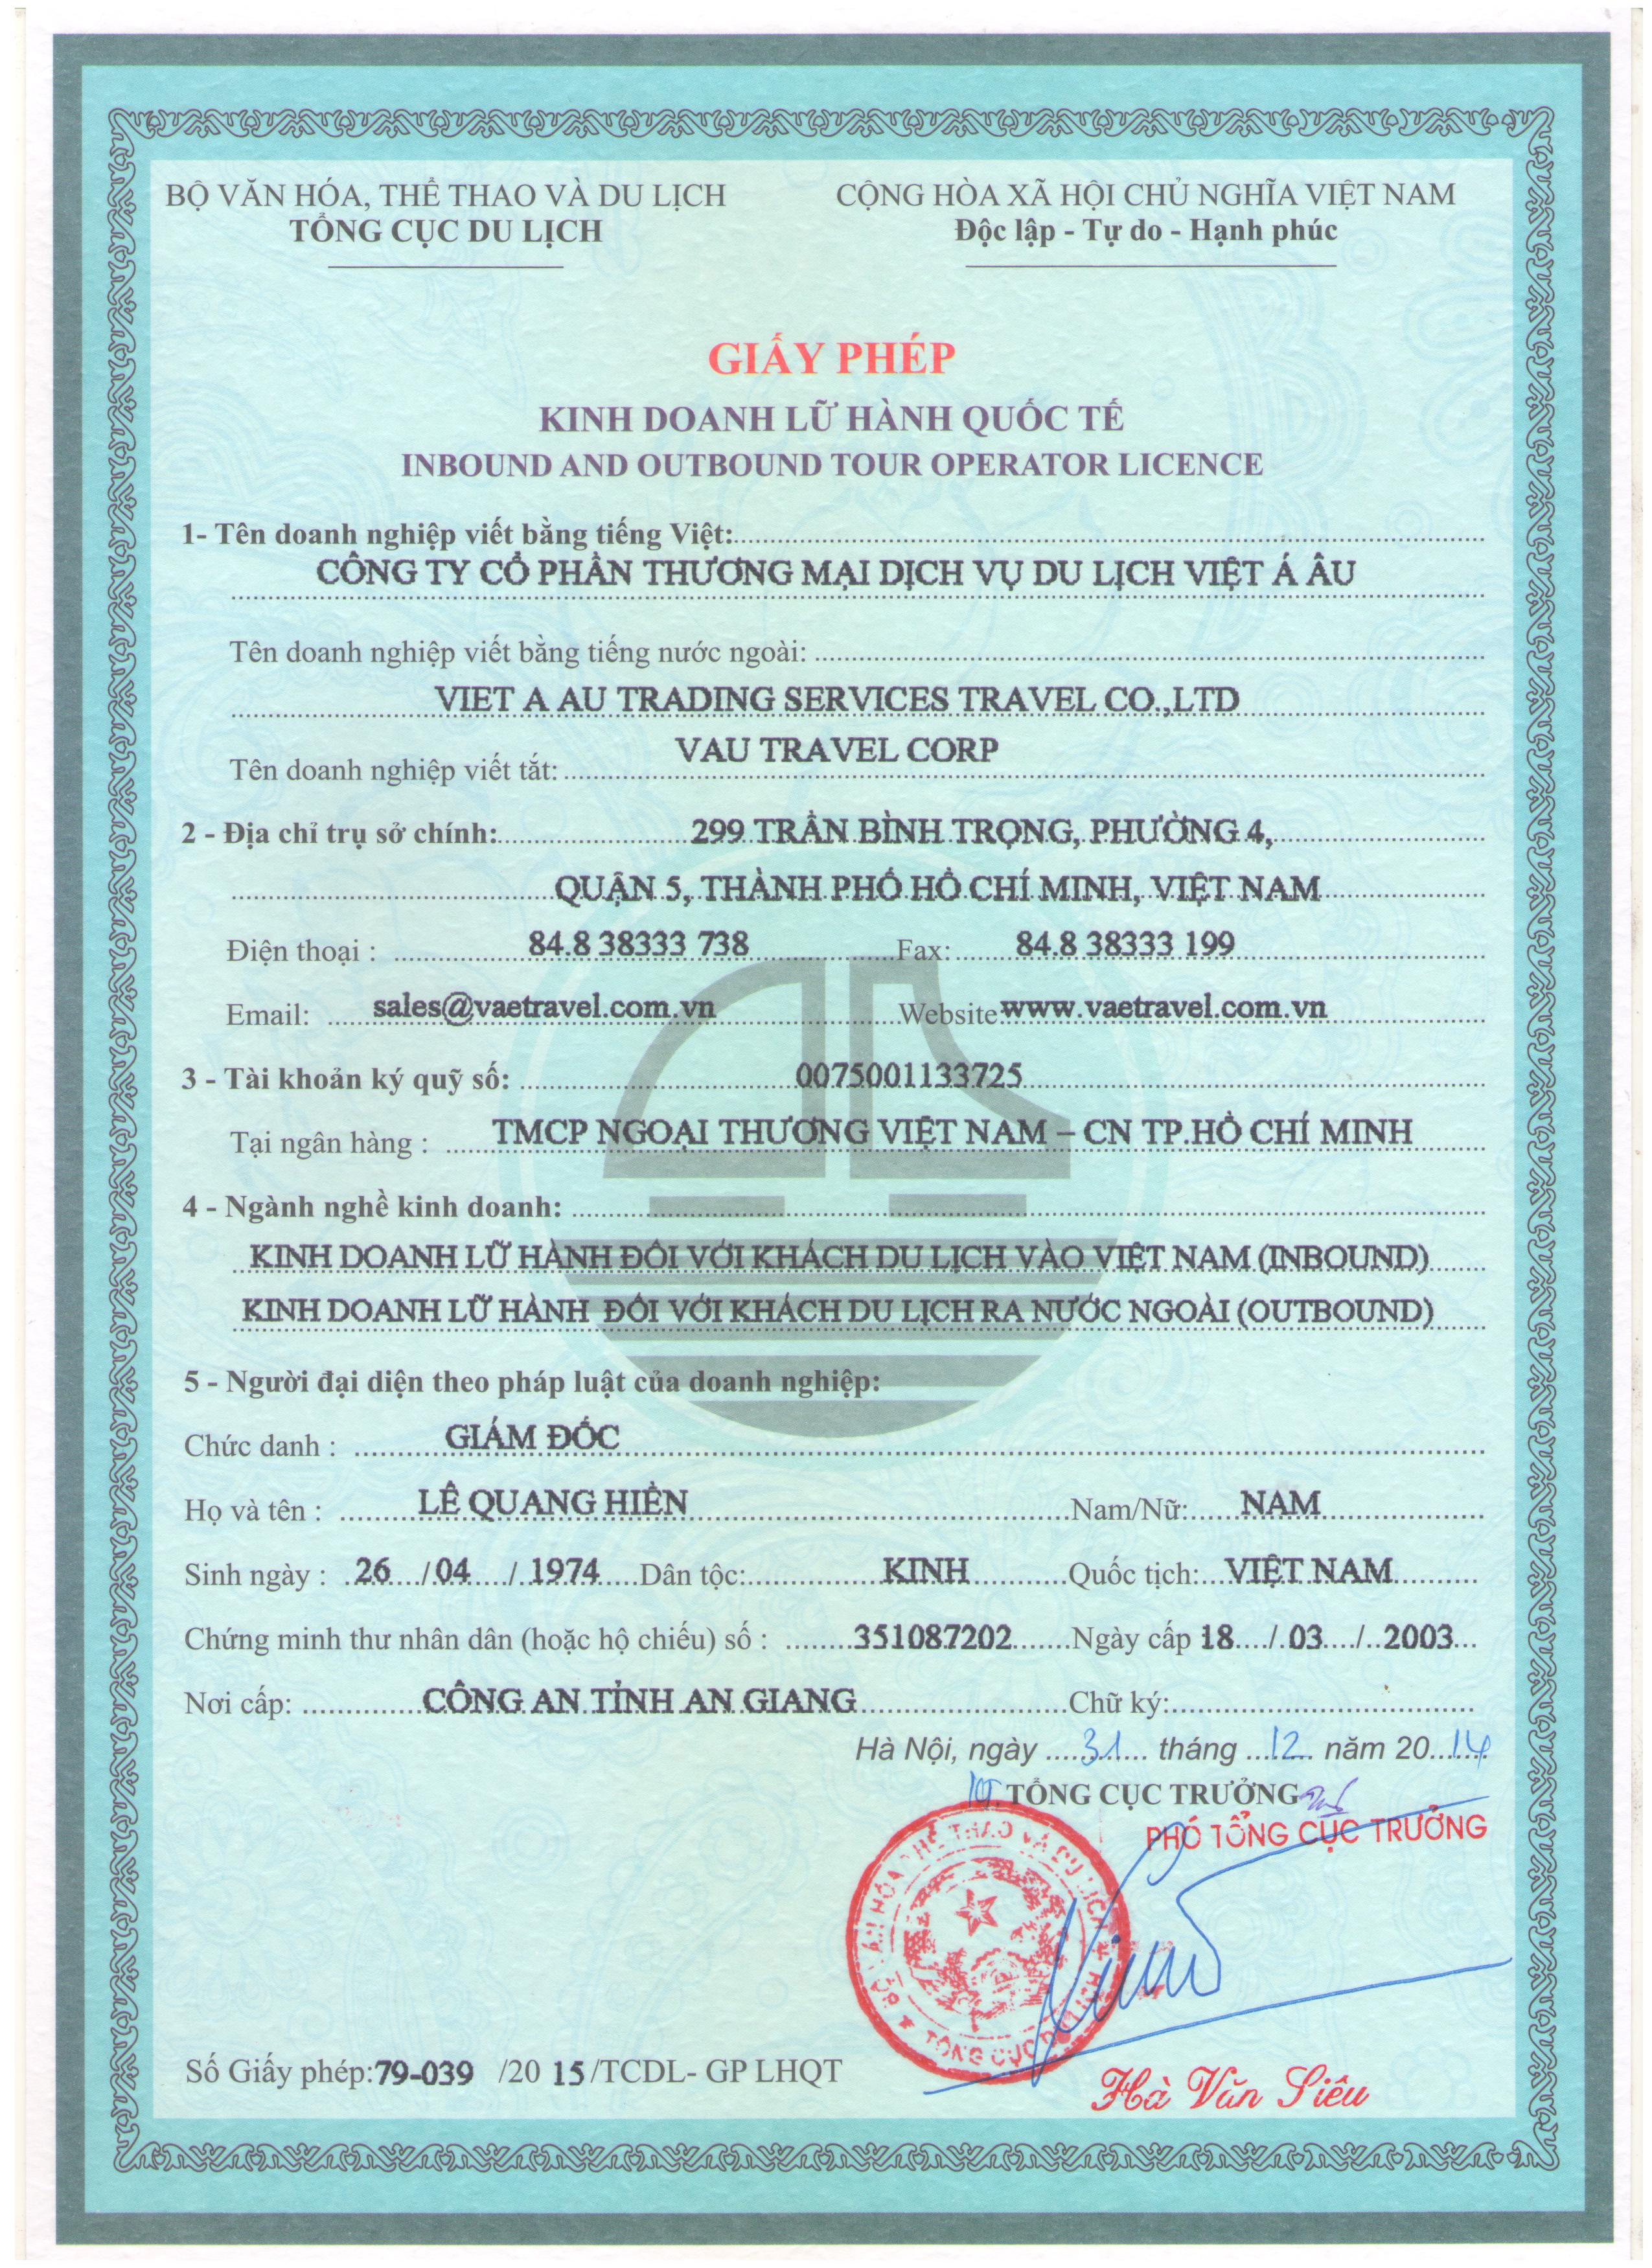 Giay Phep Kinh Doanh 2015